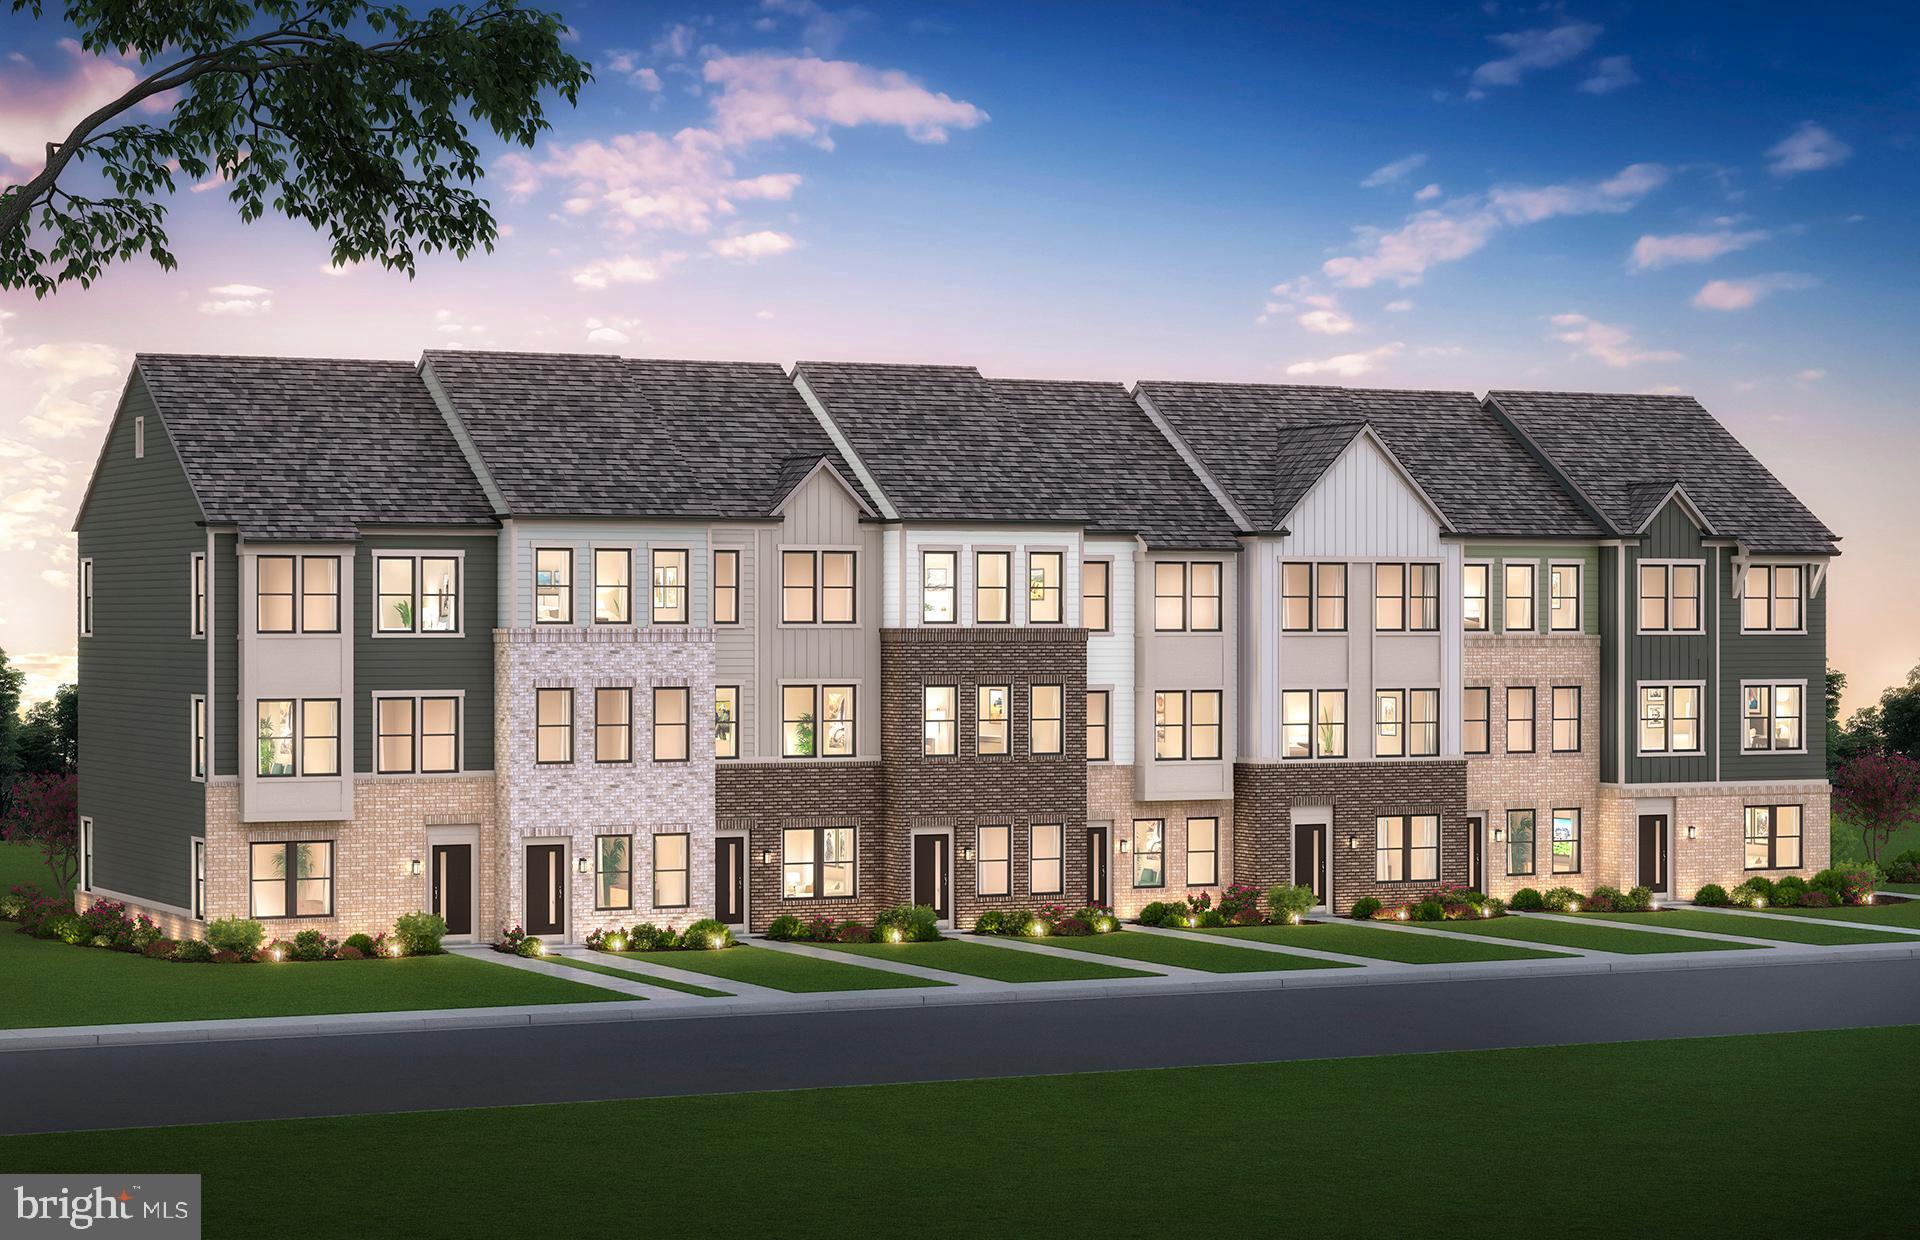 316 IBIS COURT, Laurel, Maryland 20724, 3 Bedrooms Bedrooms, ,3 BathroomsBathrooms,Townhouse,For Sale,316 IBIS COURT,MDAA463450